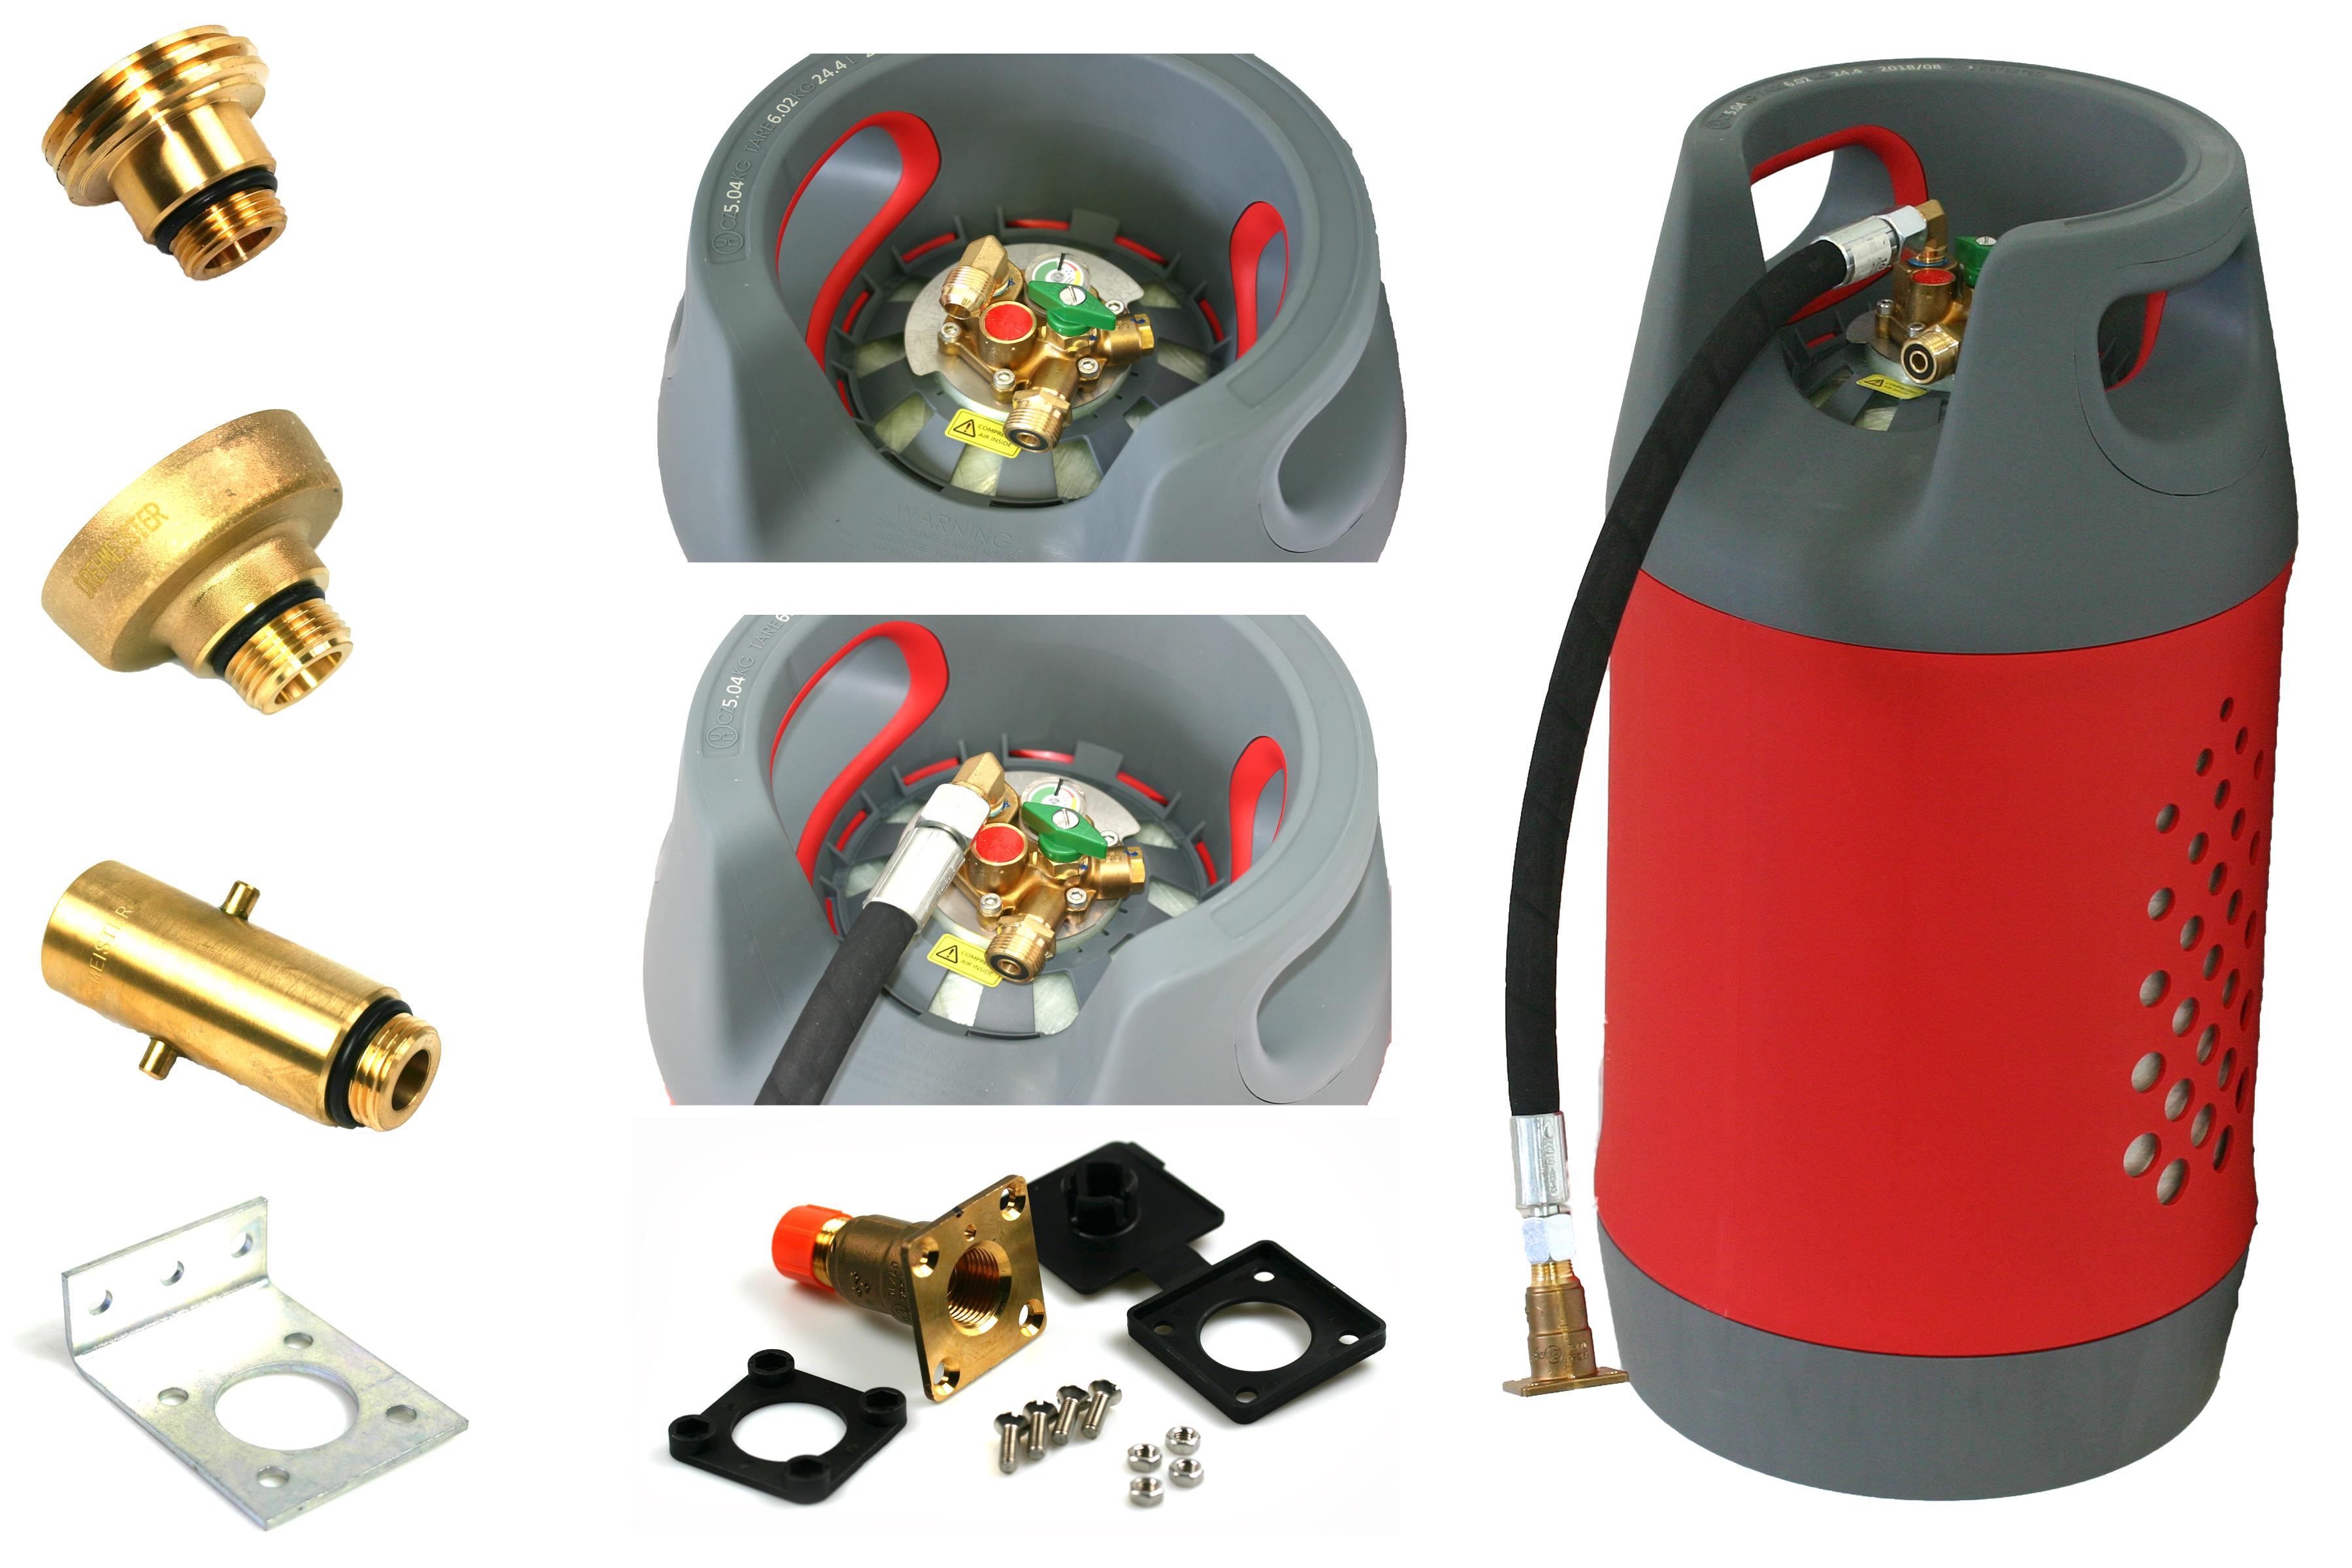 KOMPOSIT-Gasflasche-24-5L-wiederbefuellbar-mit-Multiventil-80-Fuellstop-AUTOGAS